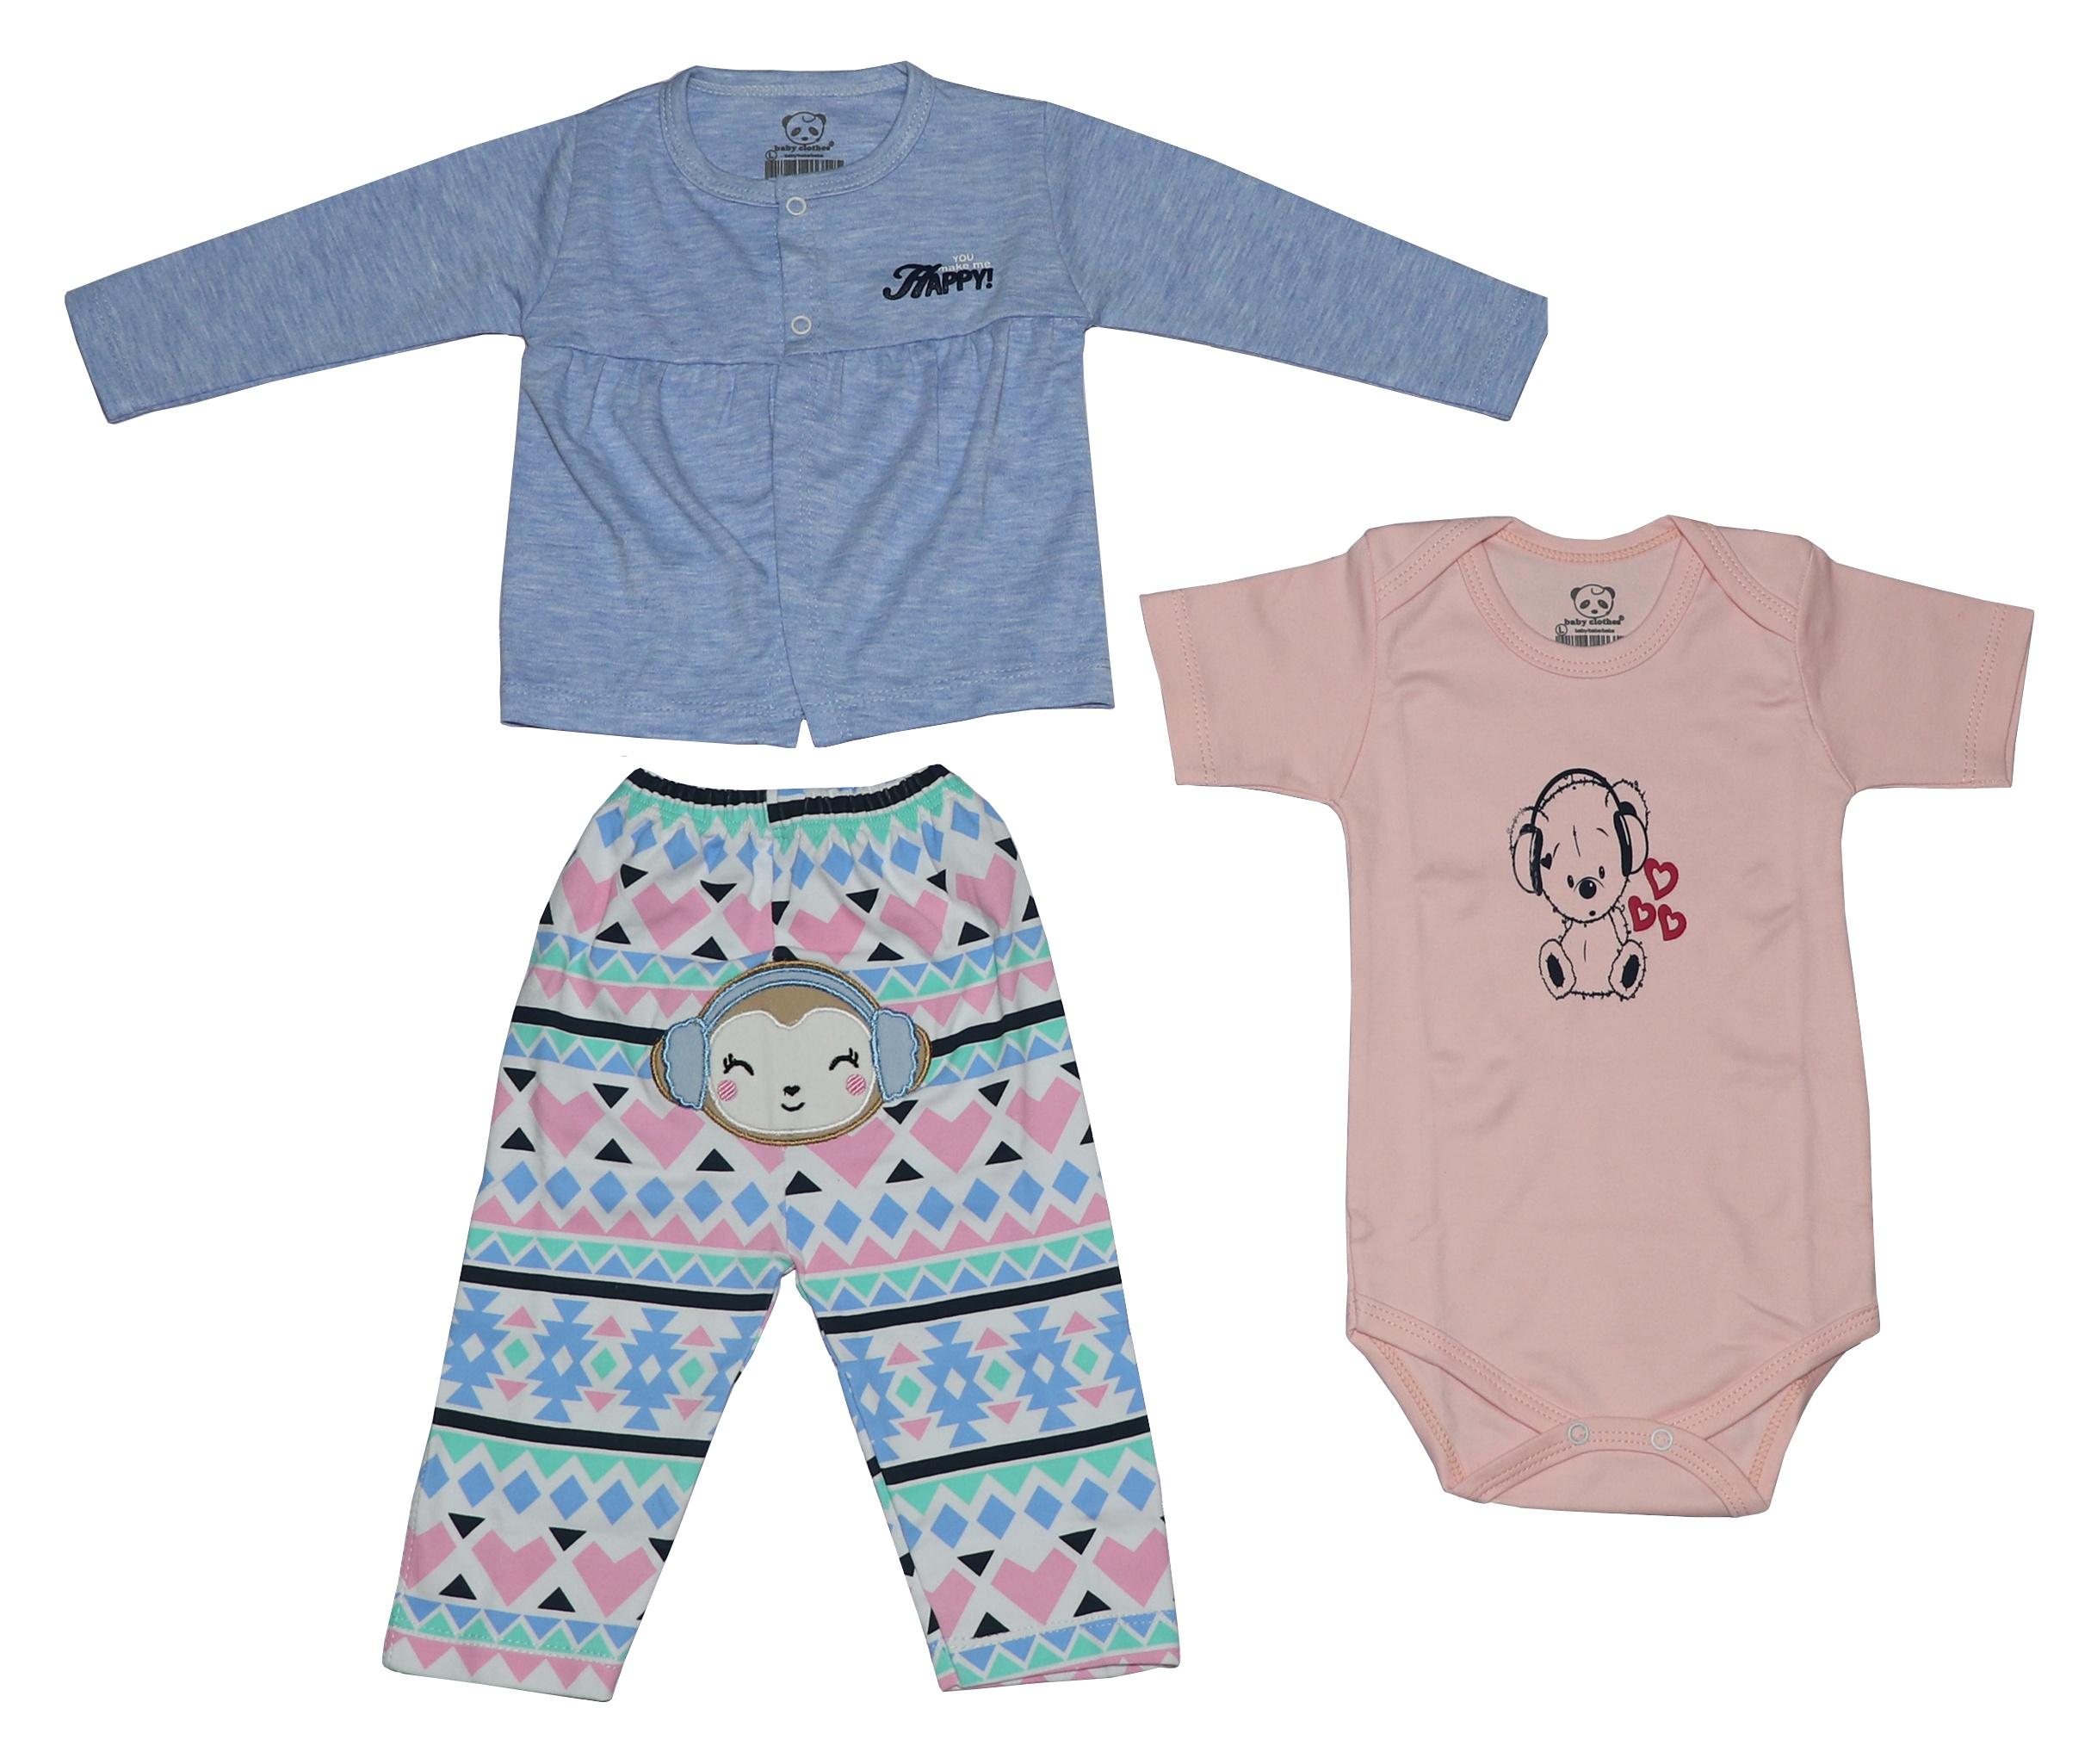 ست 3 تکه لباس نوزادی دخترانه طرح میمون کد 2021